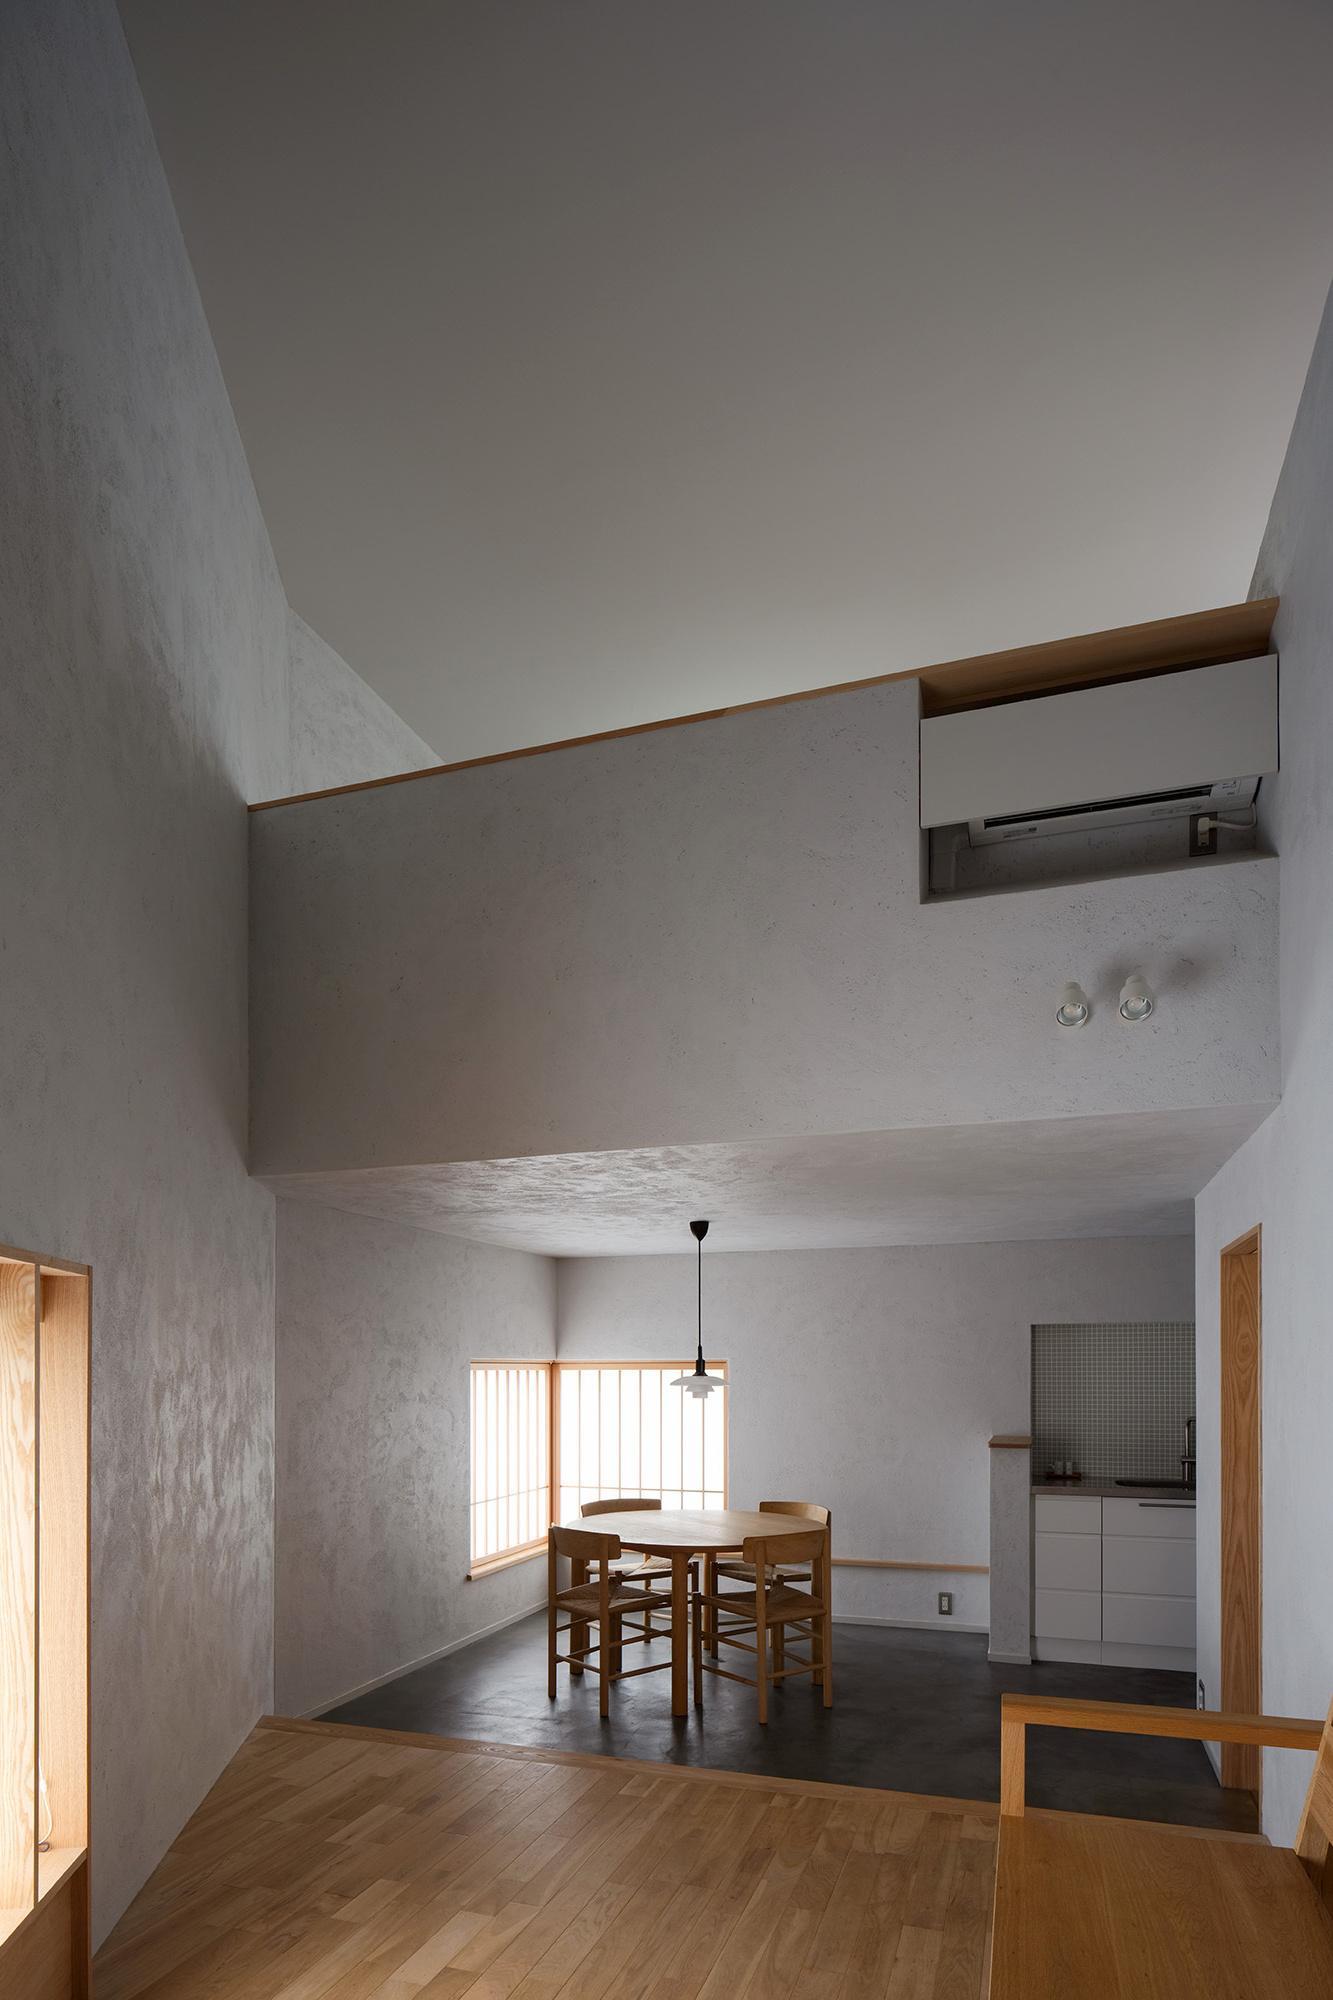 リビングダイニング事例:吹き抜けによって繋がる仕切りの無い一室空間(清瀬の小住宅)